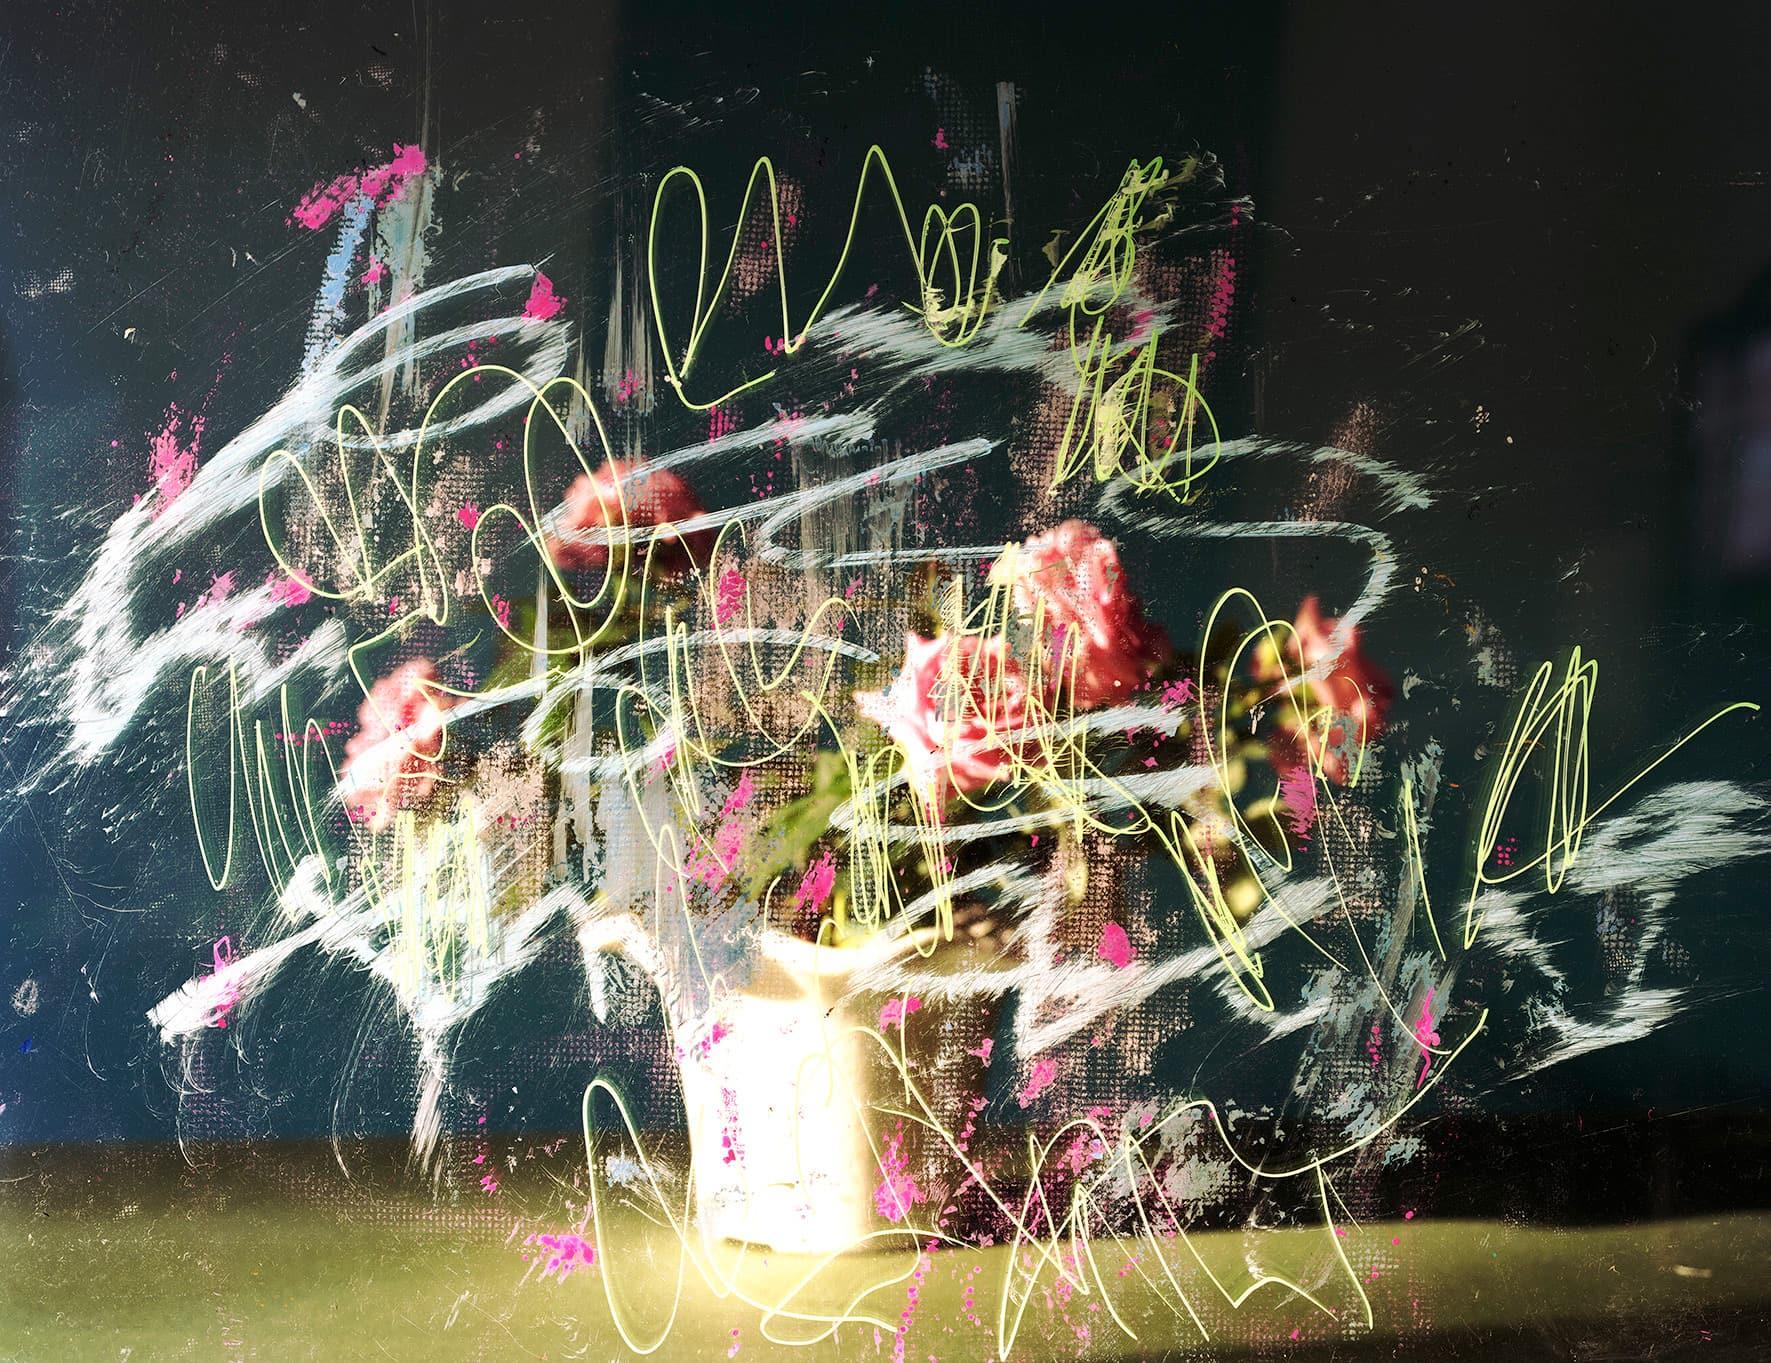 Kazuhito Tanaka, pLastic_fLowers Ⅱ #20, 2017年